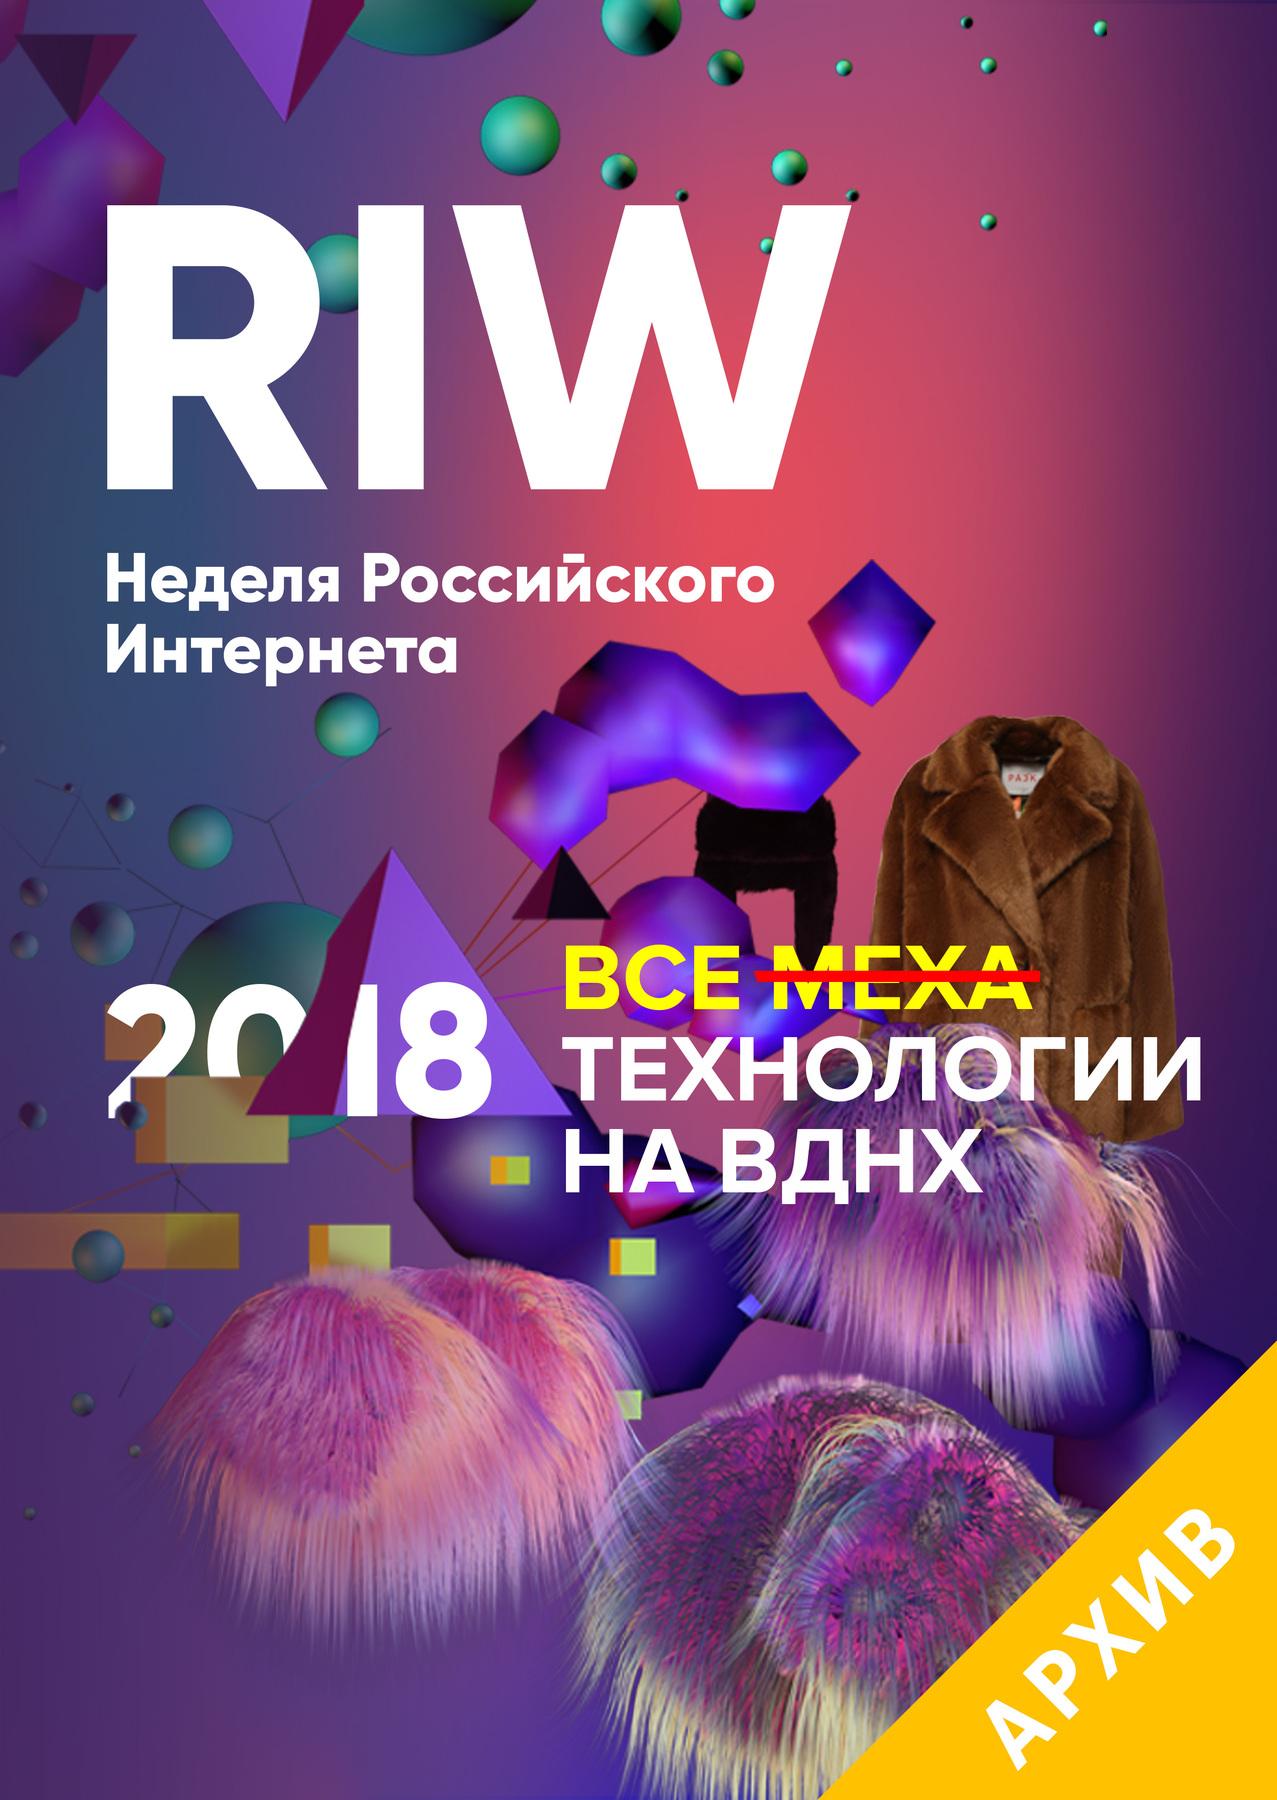 RIW 2018. Неделя Российского Интернета